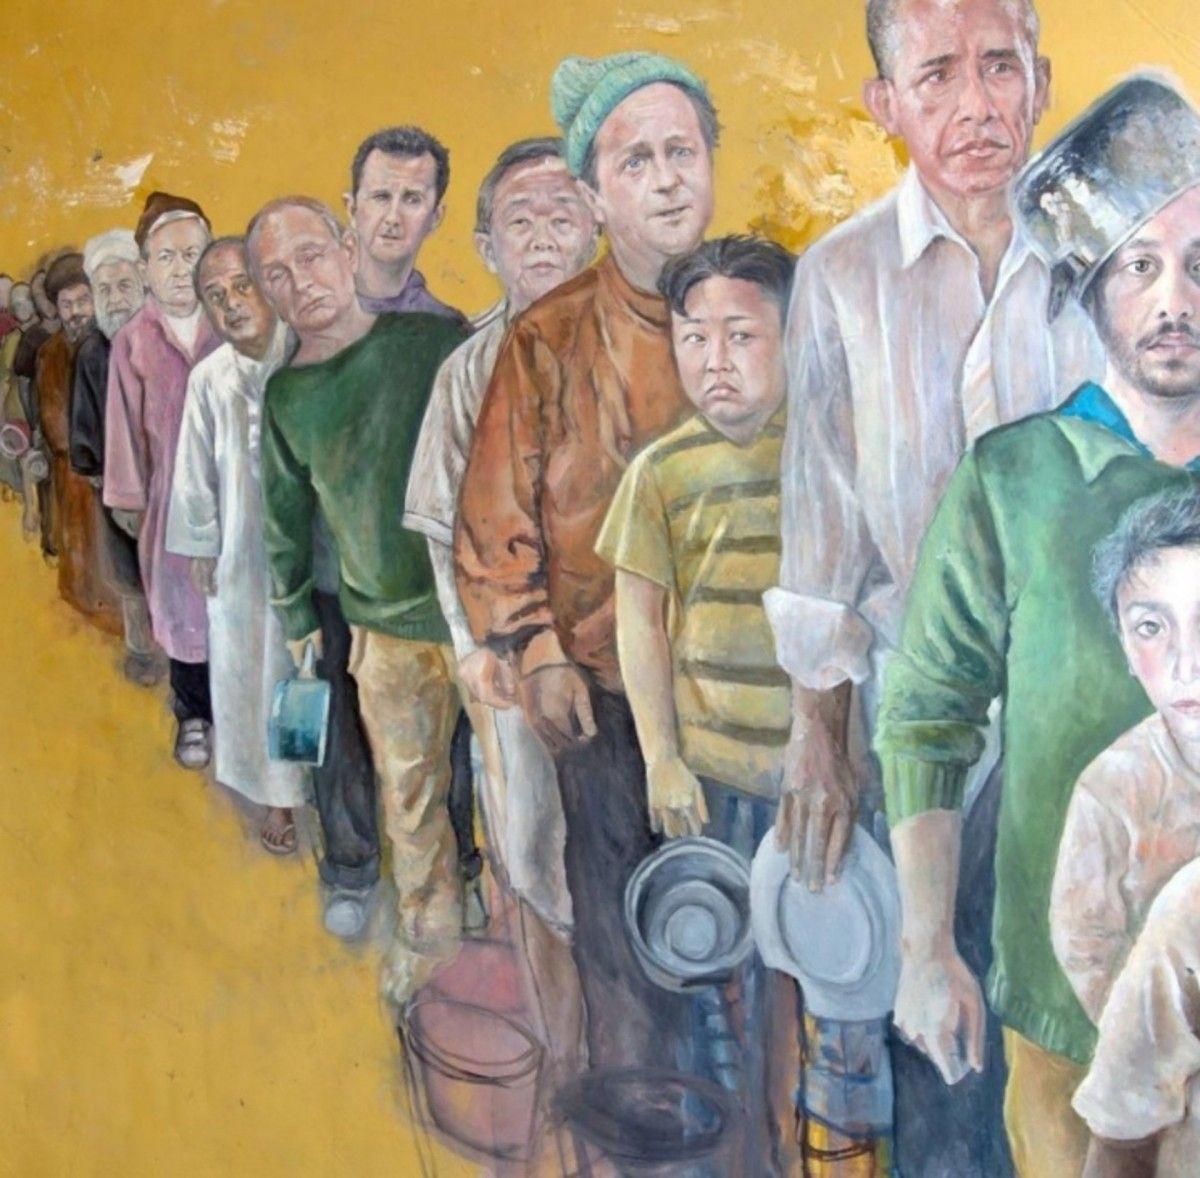 Картинки по запросу мировые лидеры в образе беженцев картинки